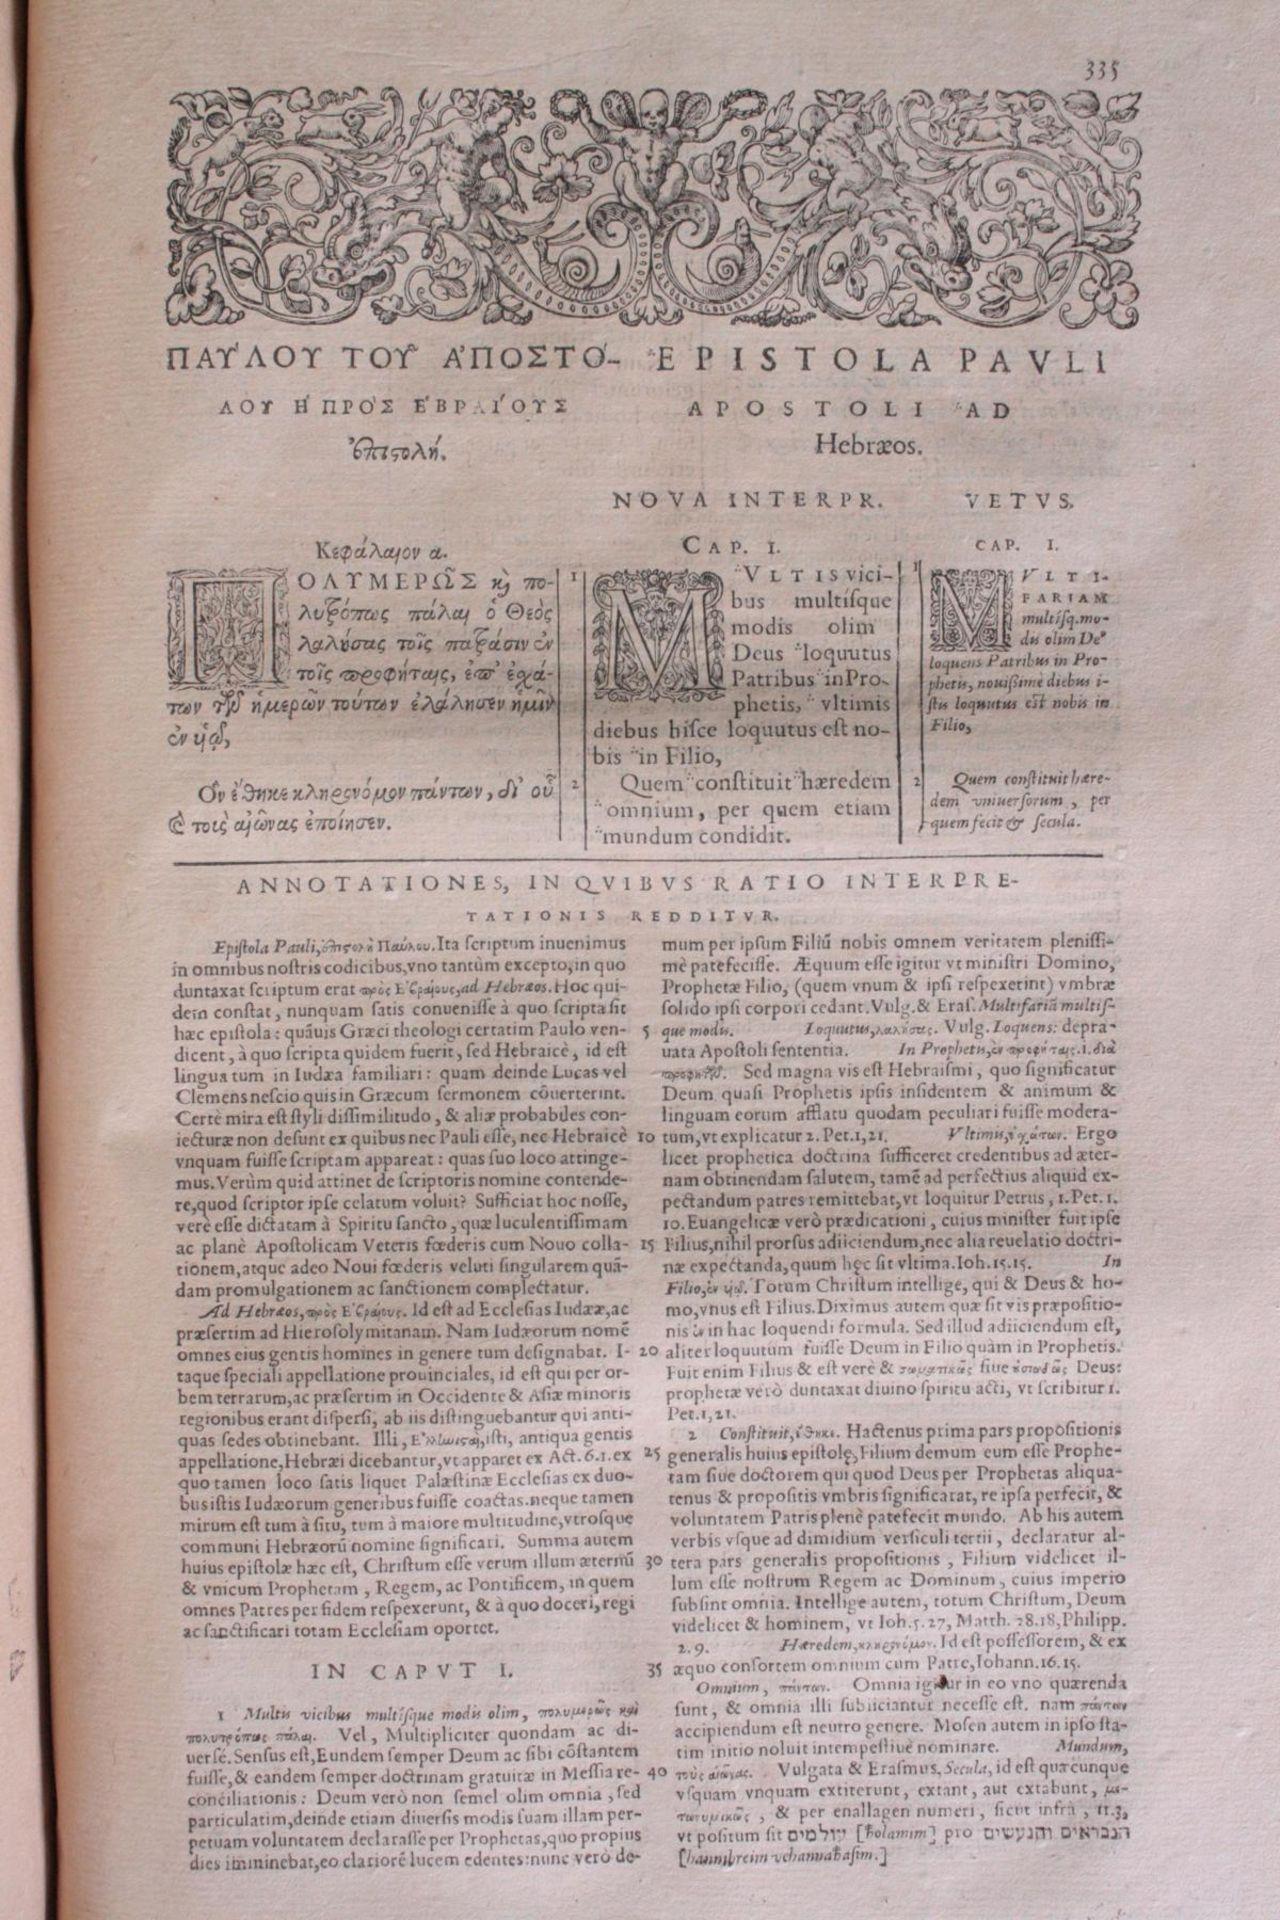 Griechische-Lateinische Bibel, Novum Testamentum 1582 - Bild 15 aus 23